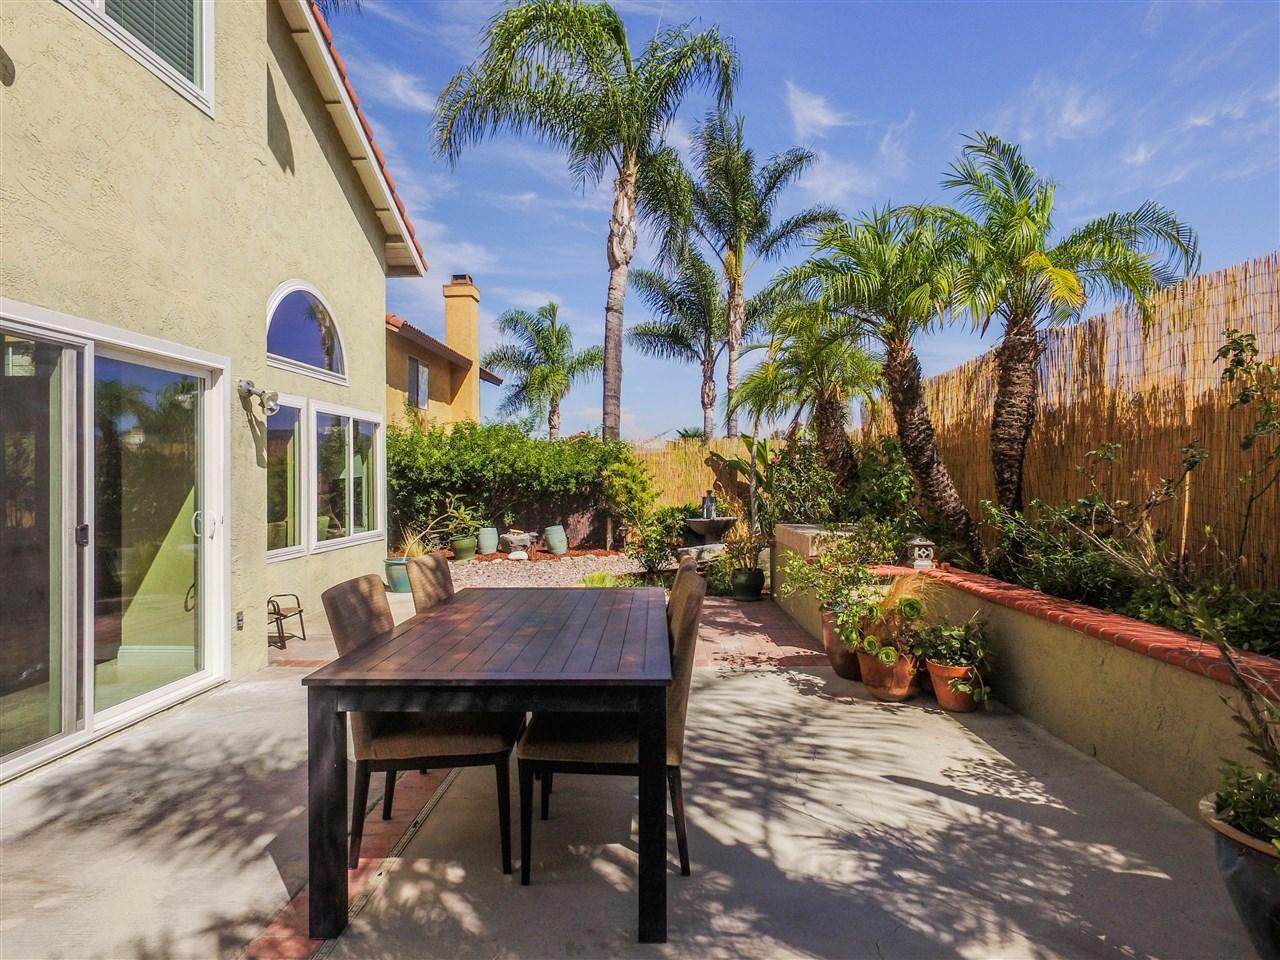 Photos Rancho San Diego House For Sale 3 Bedrooms 12051 Via Zapata In El Cajon